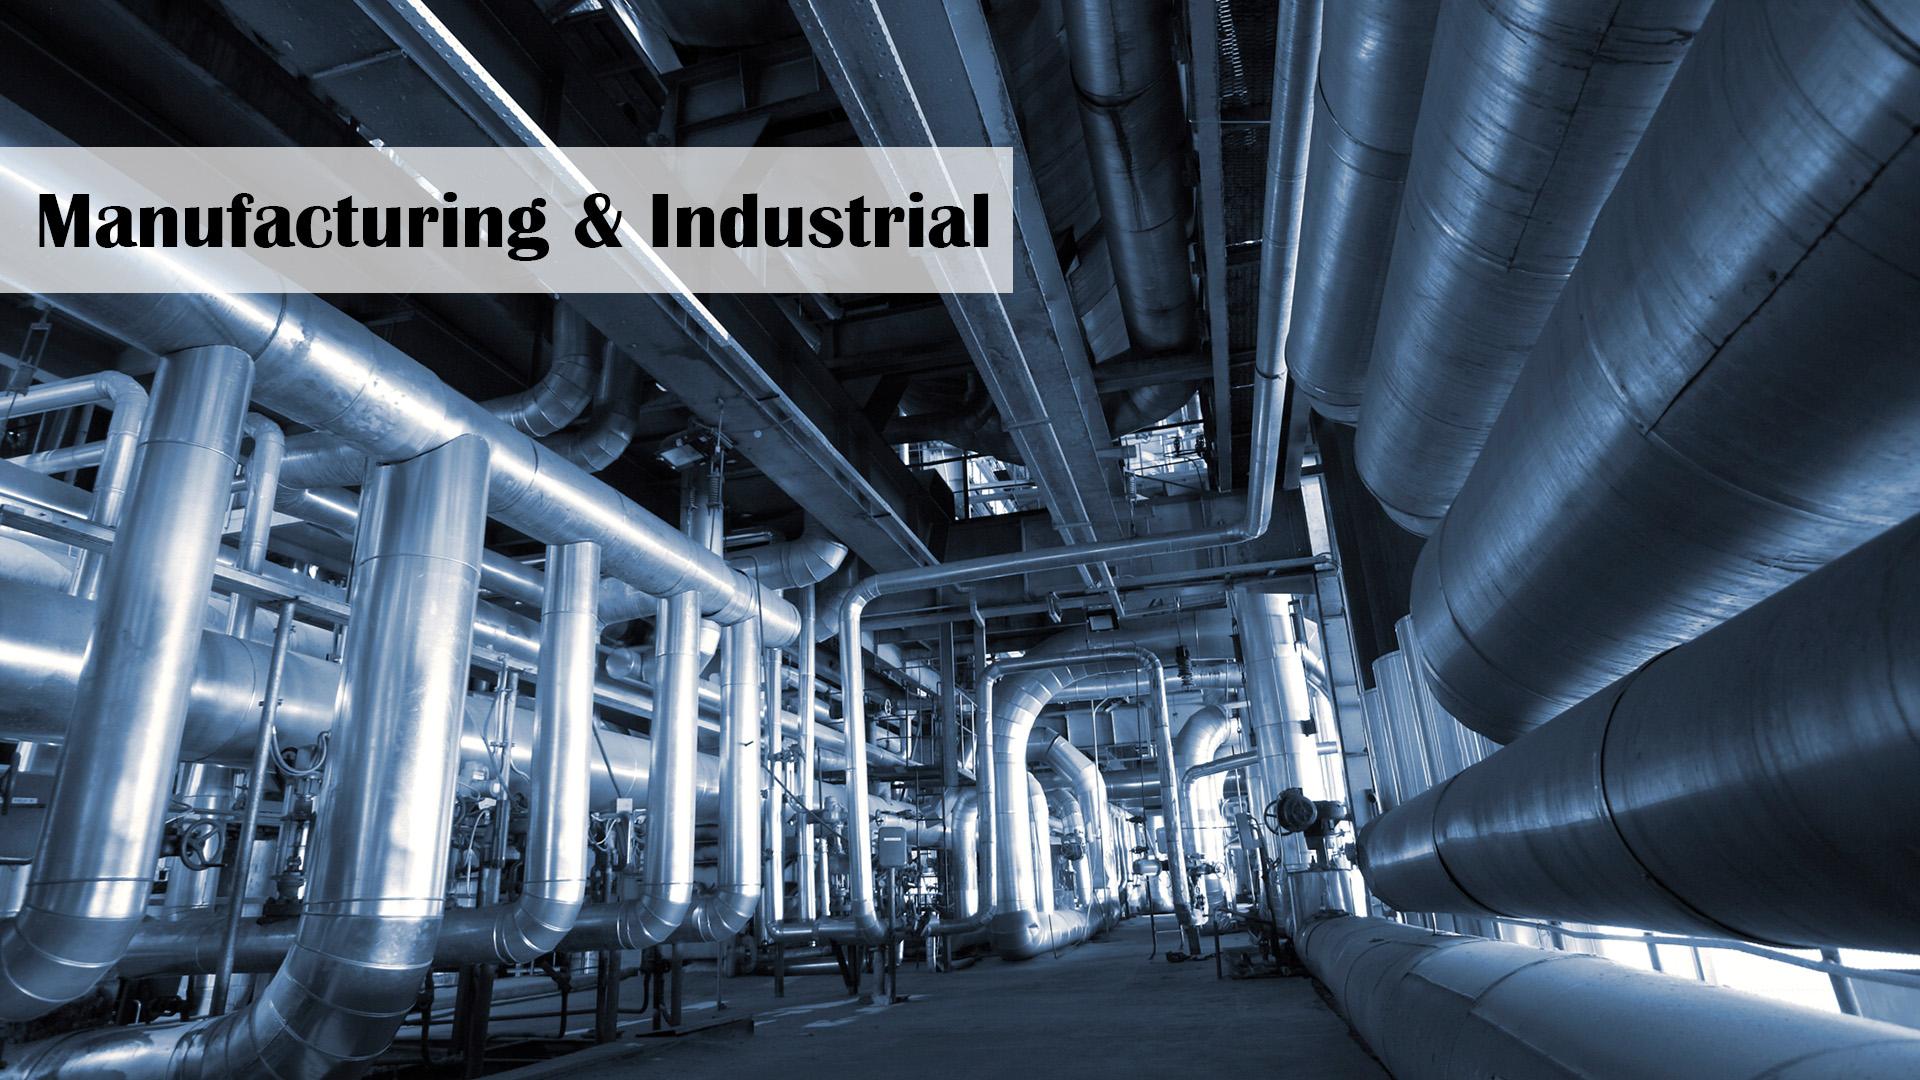 پروژه های راهکار مراکز تولیدی و صنعتی هایک ویژن